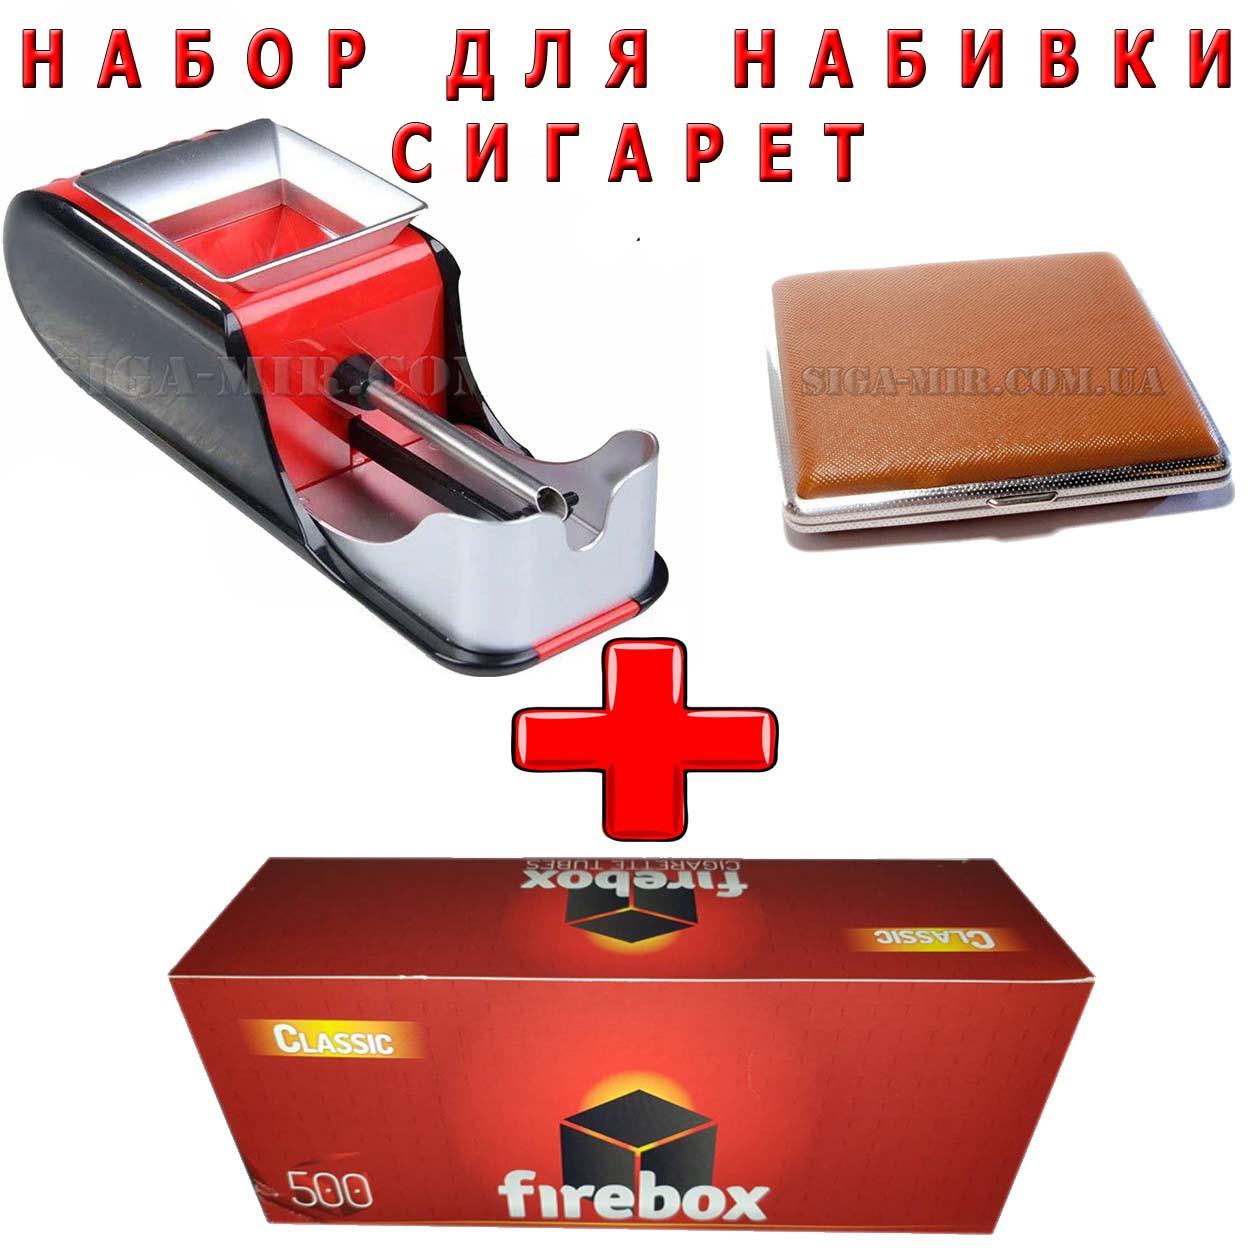 Электрическая Машинка Для Набивки Сигарет Gerui 2 + Сигаретные Гильзы 500 шт + Портсигар